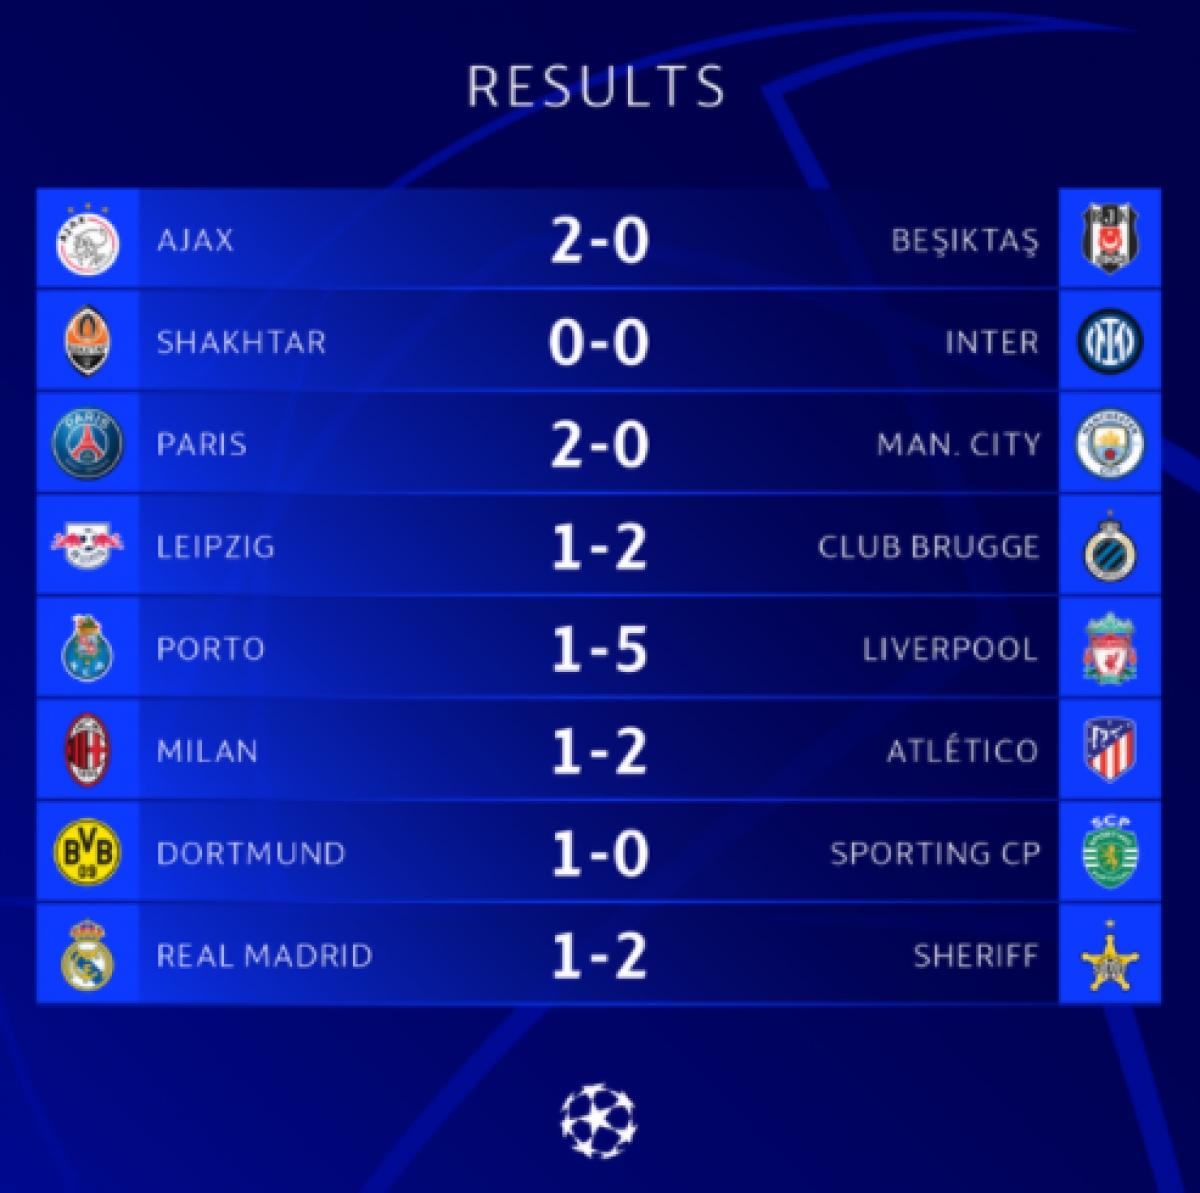 Kết quả loạt trận thứ 2 vòng bảng Champions League (Cúp C1 châu Âu) diễn ra sáng 29/9.